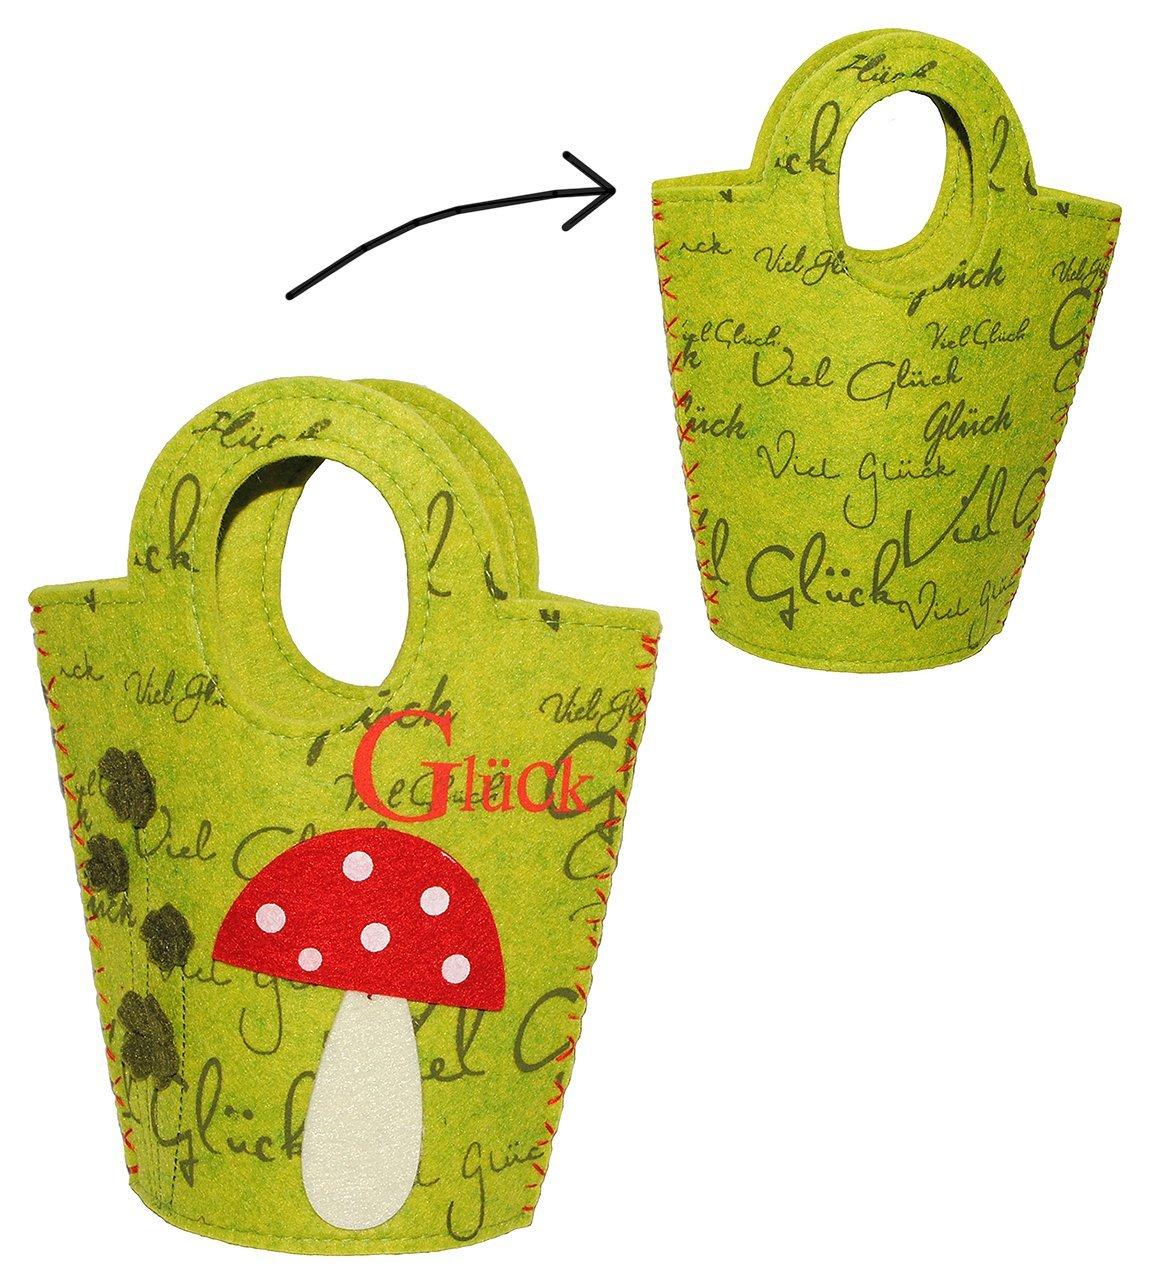 Filztasche / Aufbewahrungsbox / Geschenktasche -  Viel Glück  Glückspilz & Pilz mit Kleeblatt - Taschen Filztaschen für Kinder & Erwachsene - Filz auch als Filztopf Topf - Dekotasche / Streukörbchen Körbchen - Tasche & Beutel Kinder-land